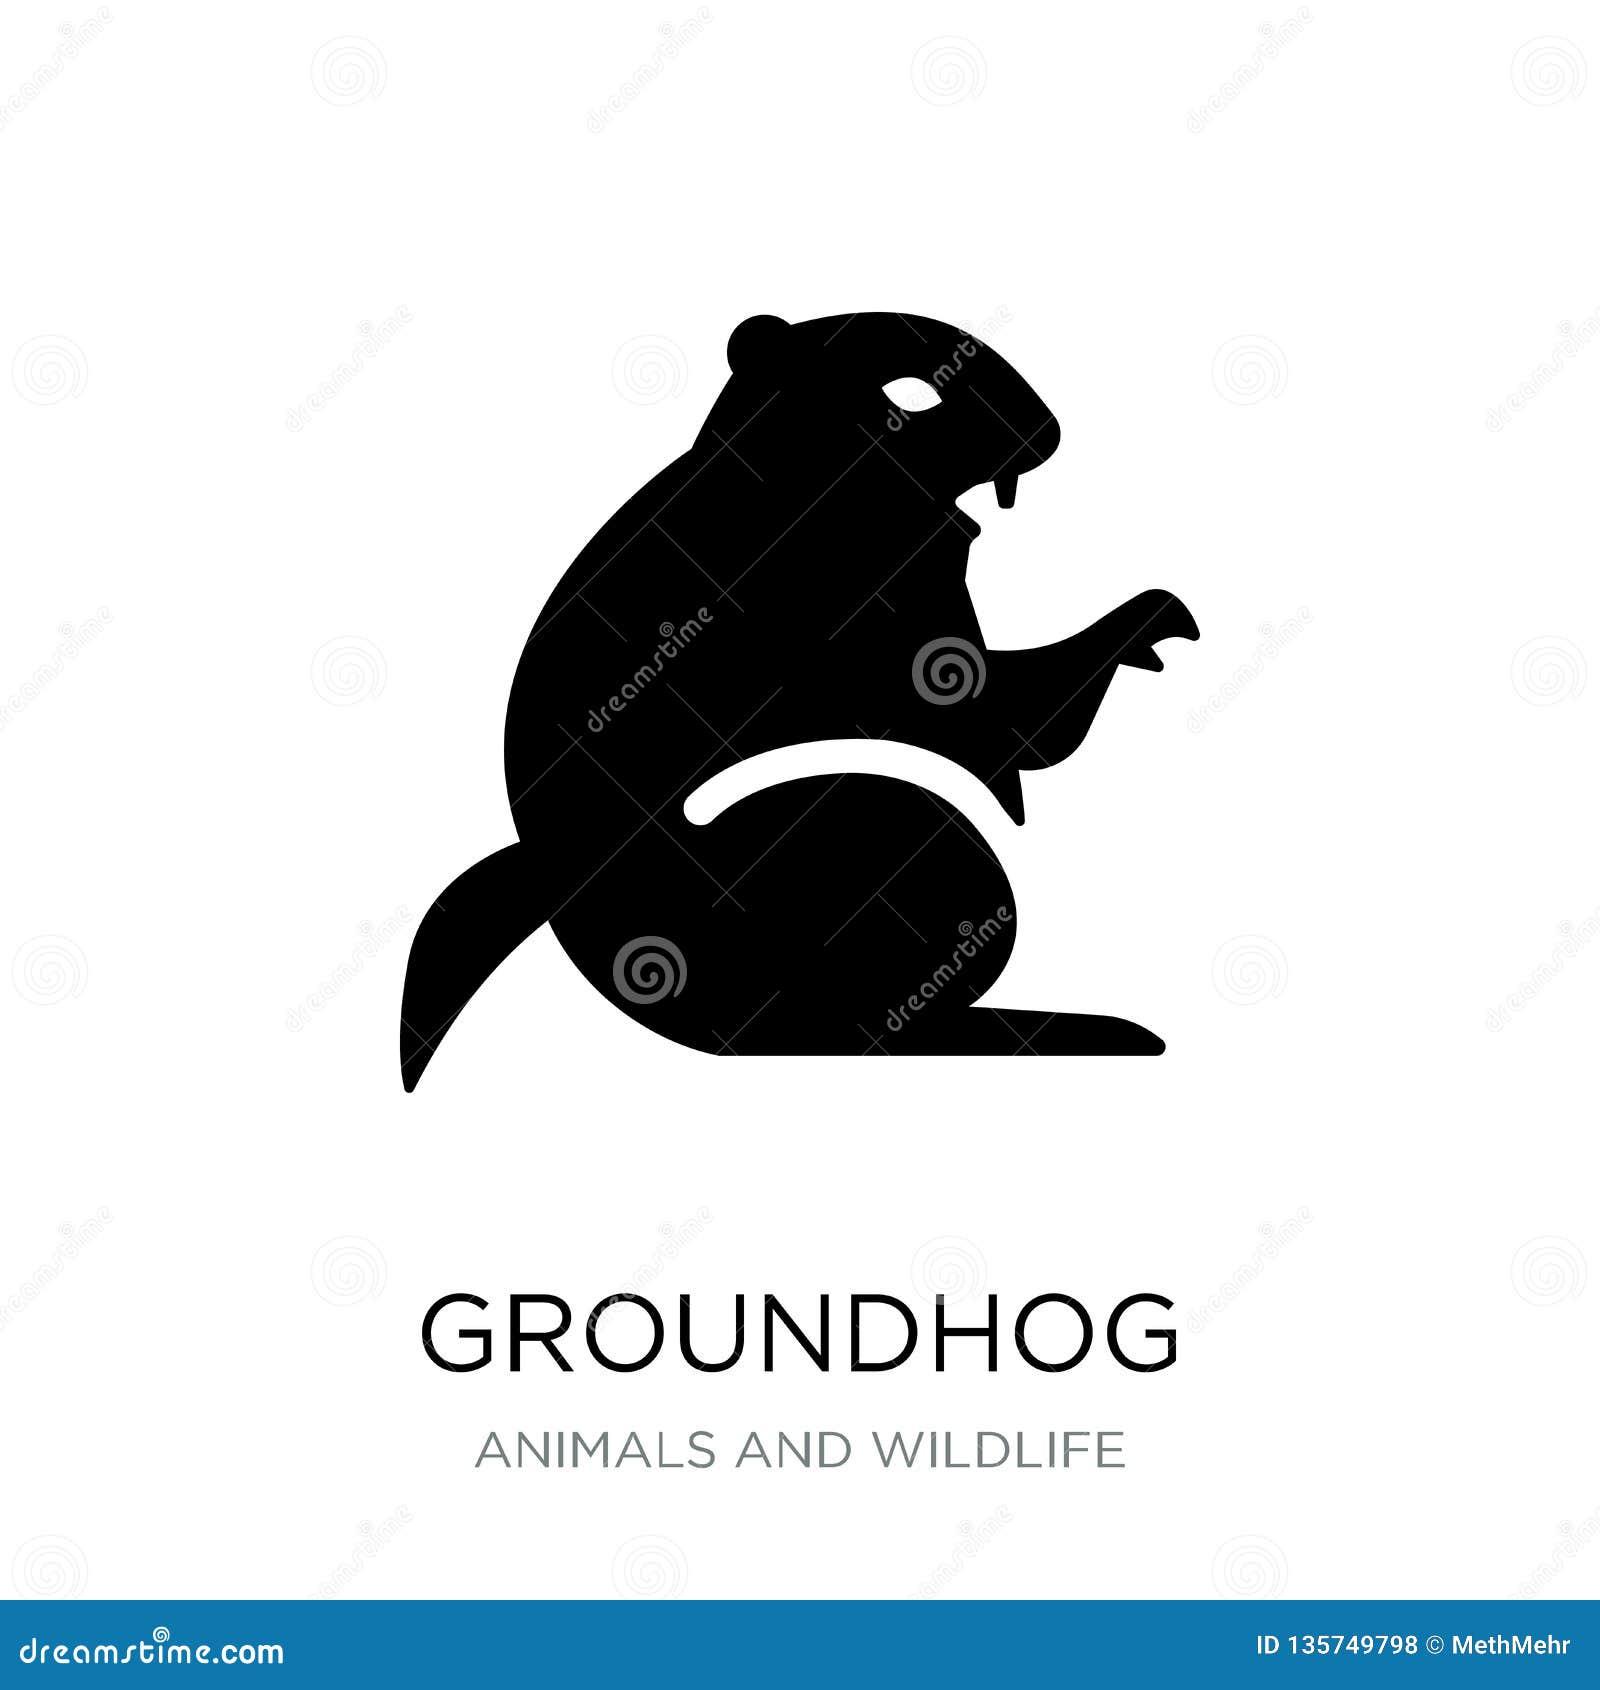 Groundhogsymbol i moderiktig designstil groundhogsymbol som isoleras på vit bakgrund enkel och modern lägenhet för groundhogvekto